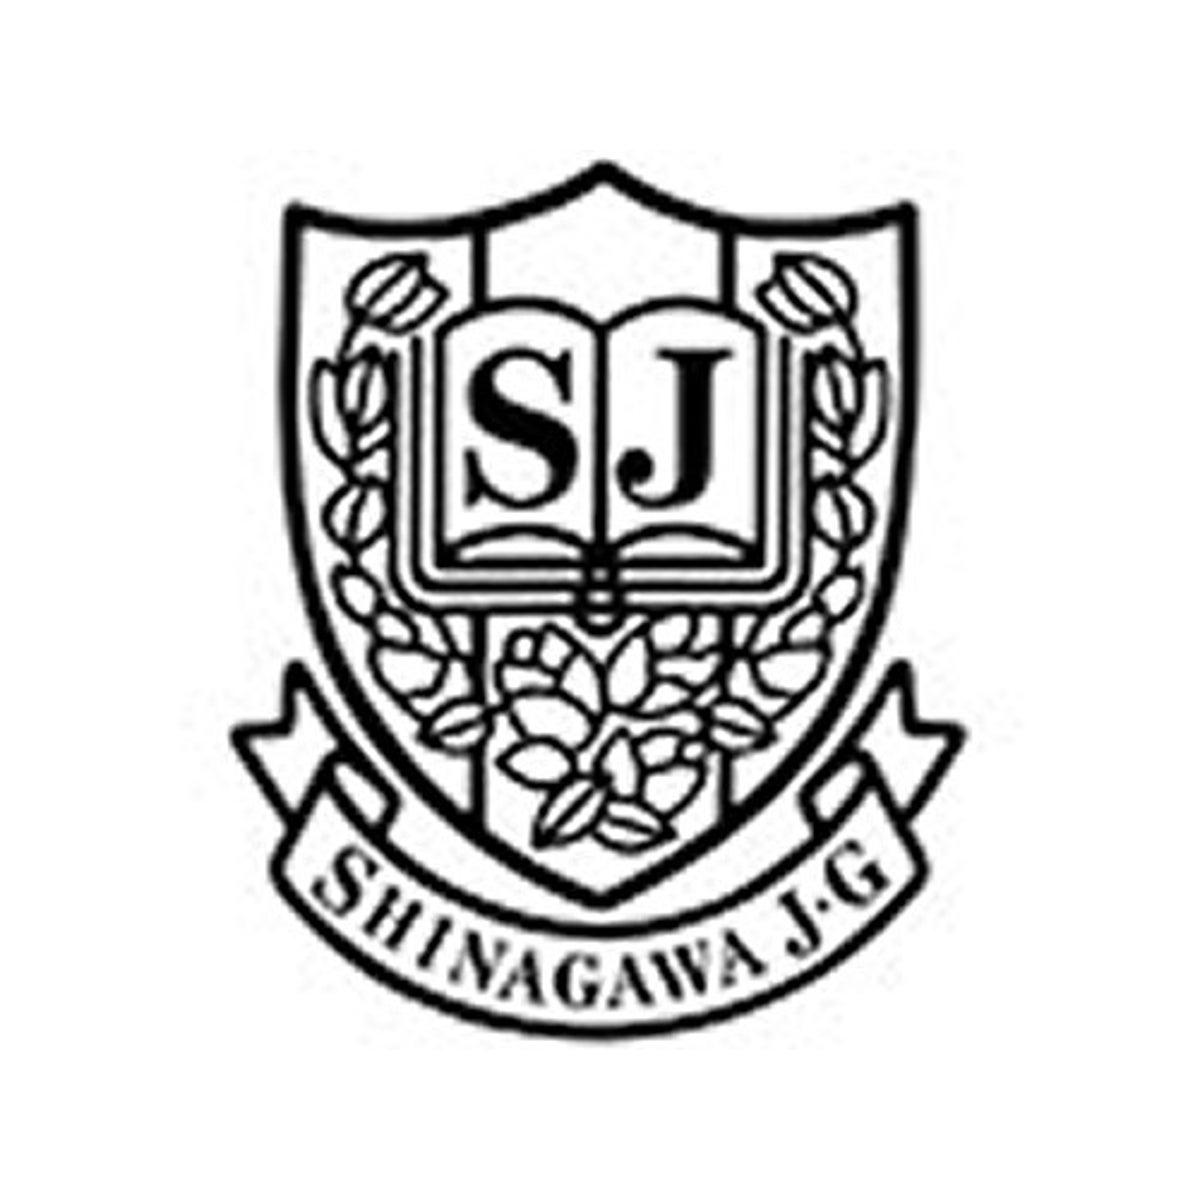 学院 品川 女子